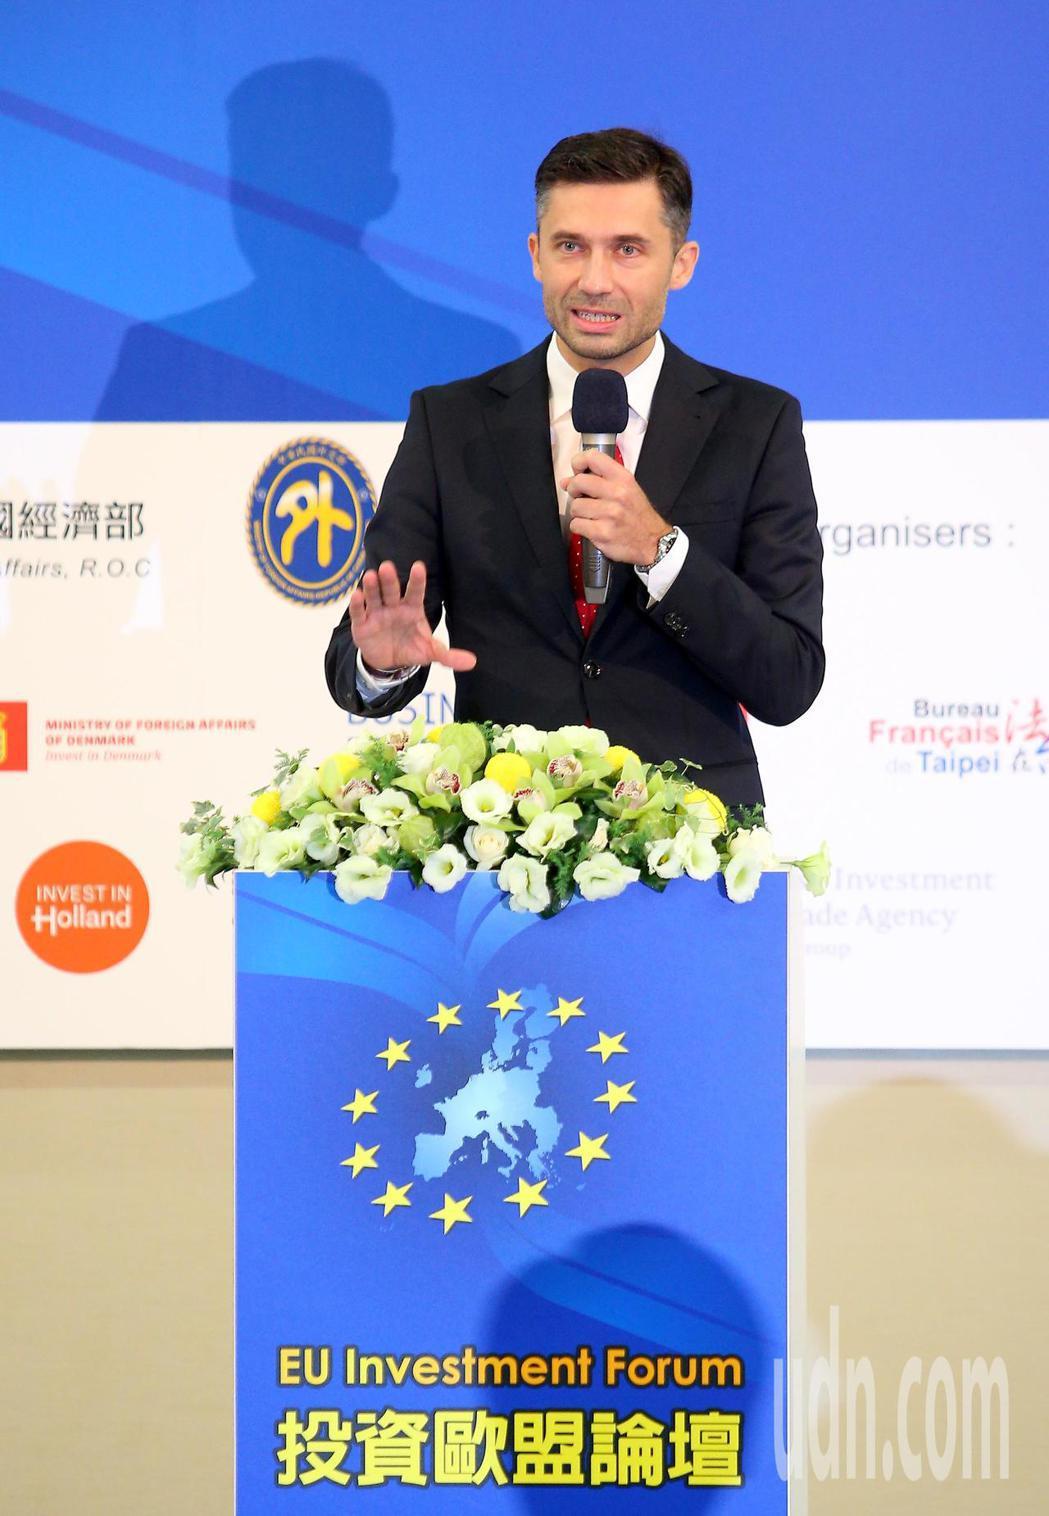 歐洲經貿辦事處上午在台北國際會議中心舉辦「投資歐盟論壇」,歐洲經貿辦事處代表高哲...